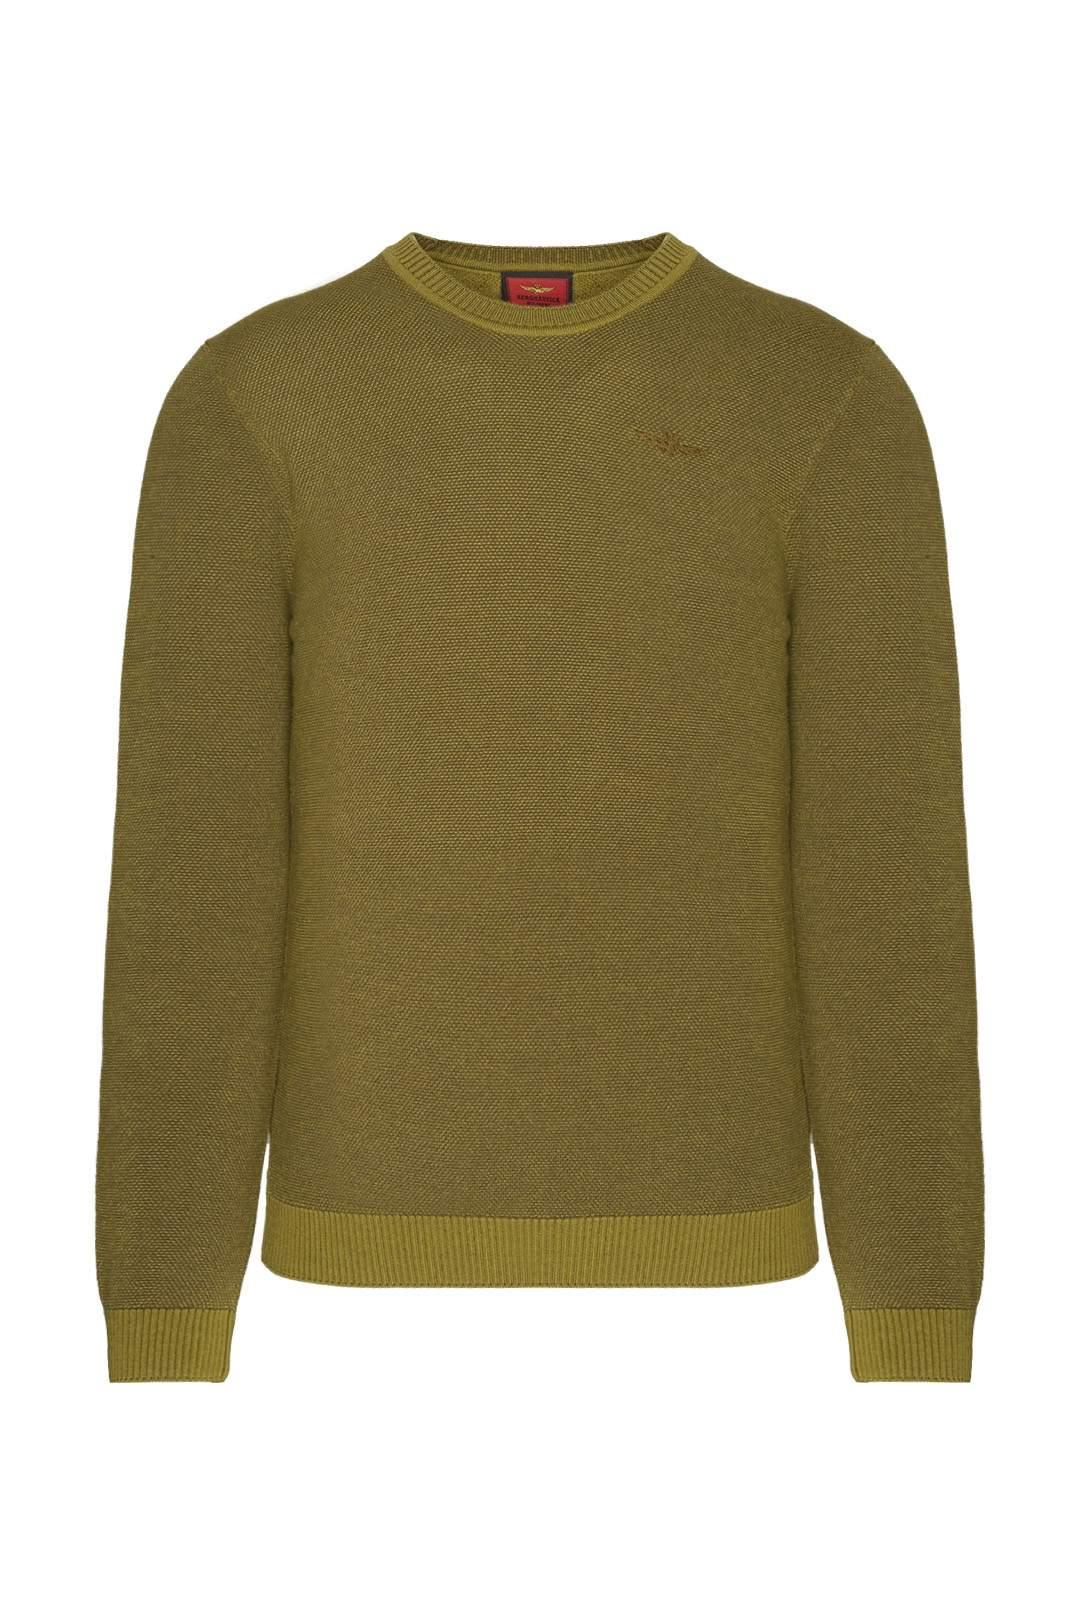 Suéter en mezcla de lana y algodón